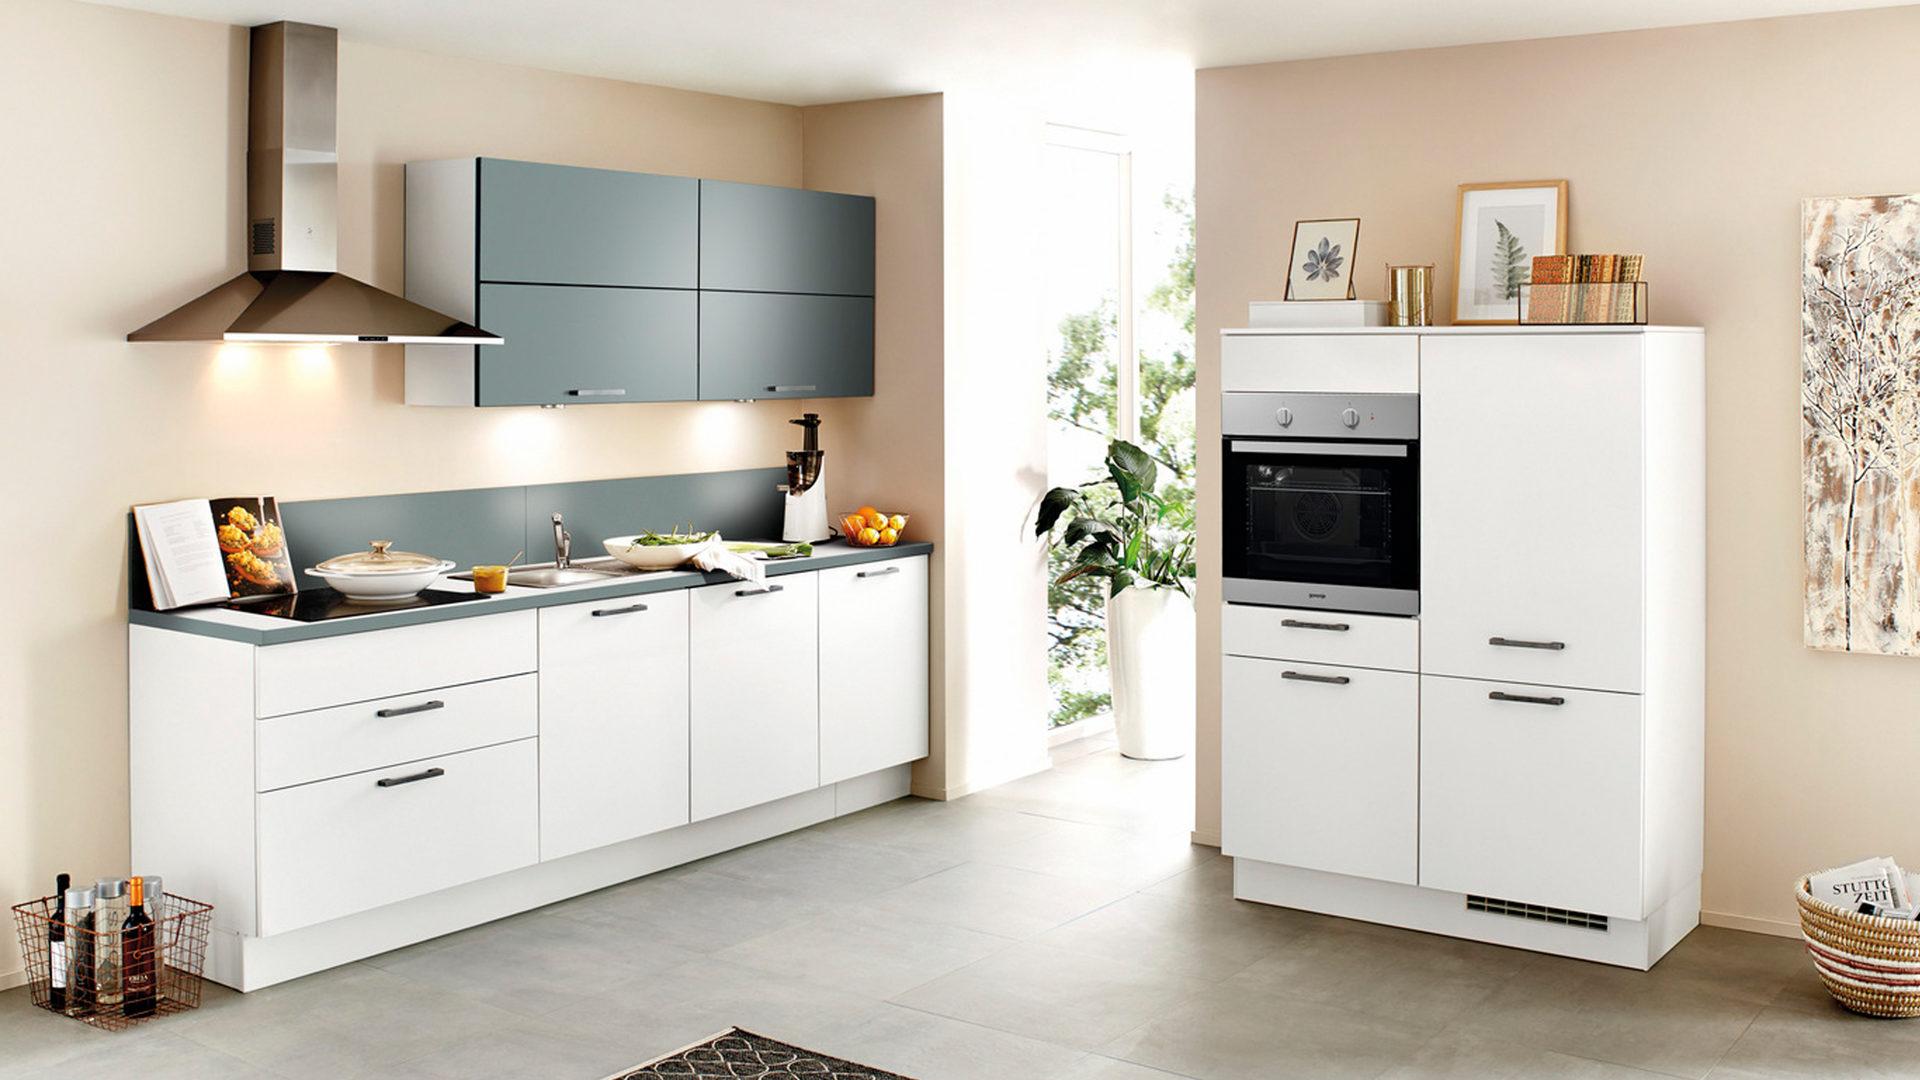 Einbauküche Frankfurt einbauküche mit gorenje elektrogeräten weiße aquafarbene bad